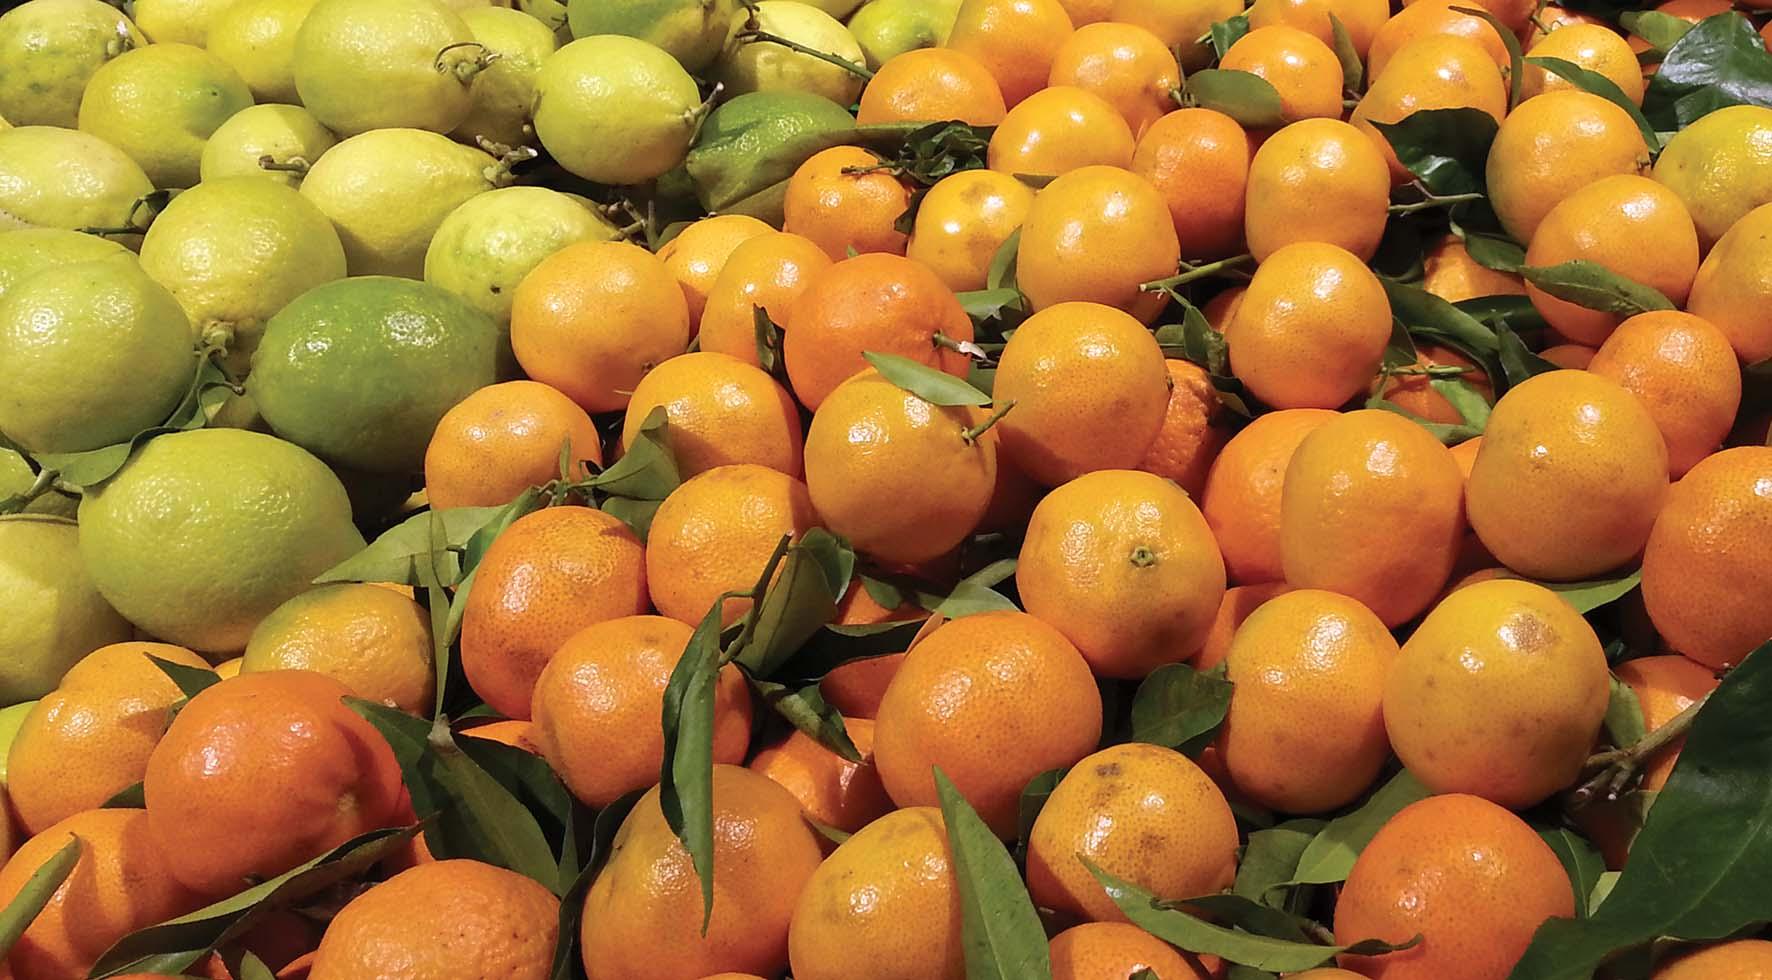 frutta agrumi mandarini limoni